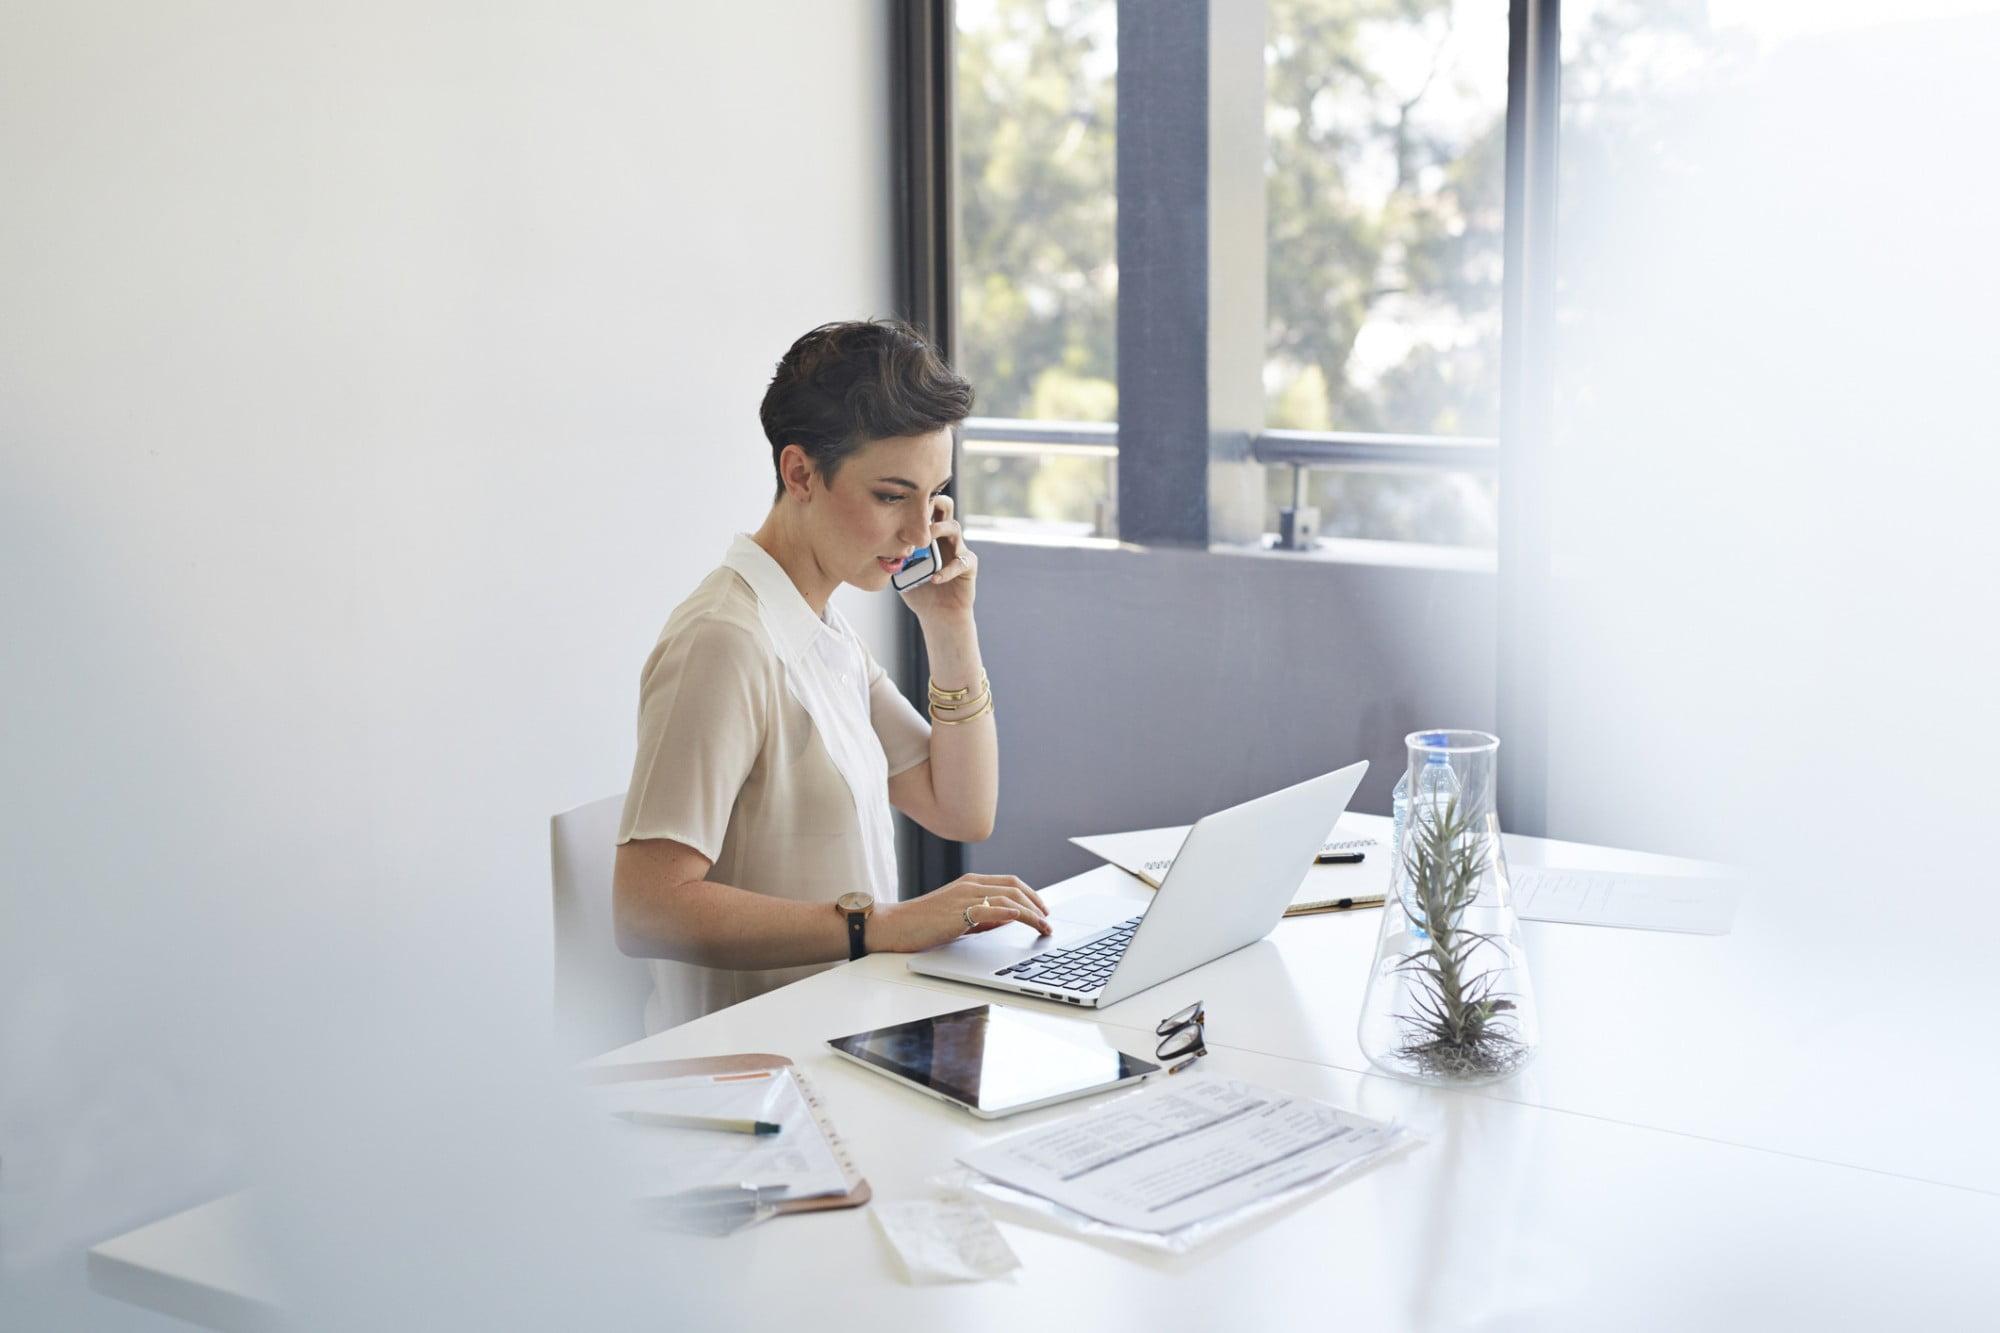 Mulher em frente ao computador buscando sobre controle de notas fiscais